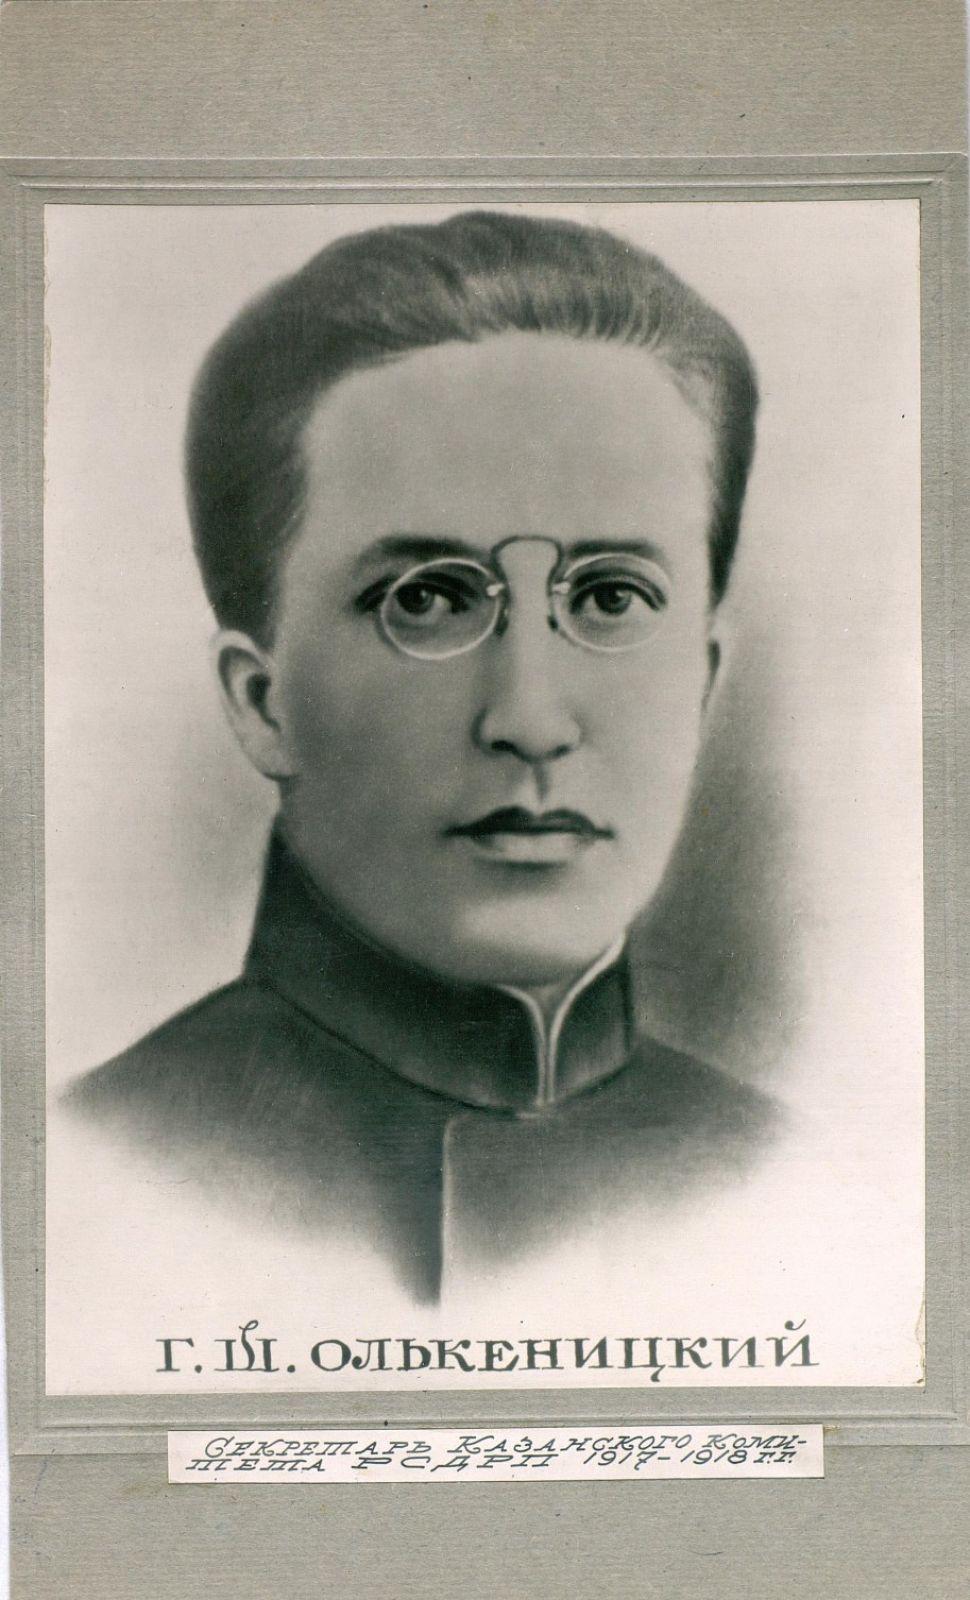 Гирш Олькеницкий - революционер-подпольщик, секретарь Казанского комитета РСДРП, первый председатель губернской ЧК.